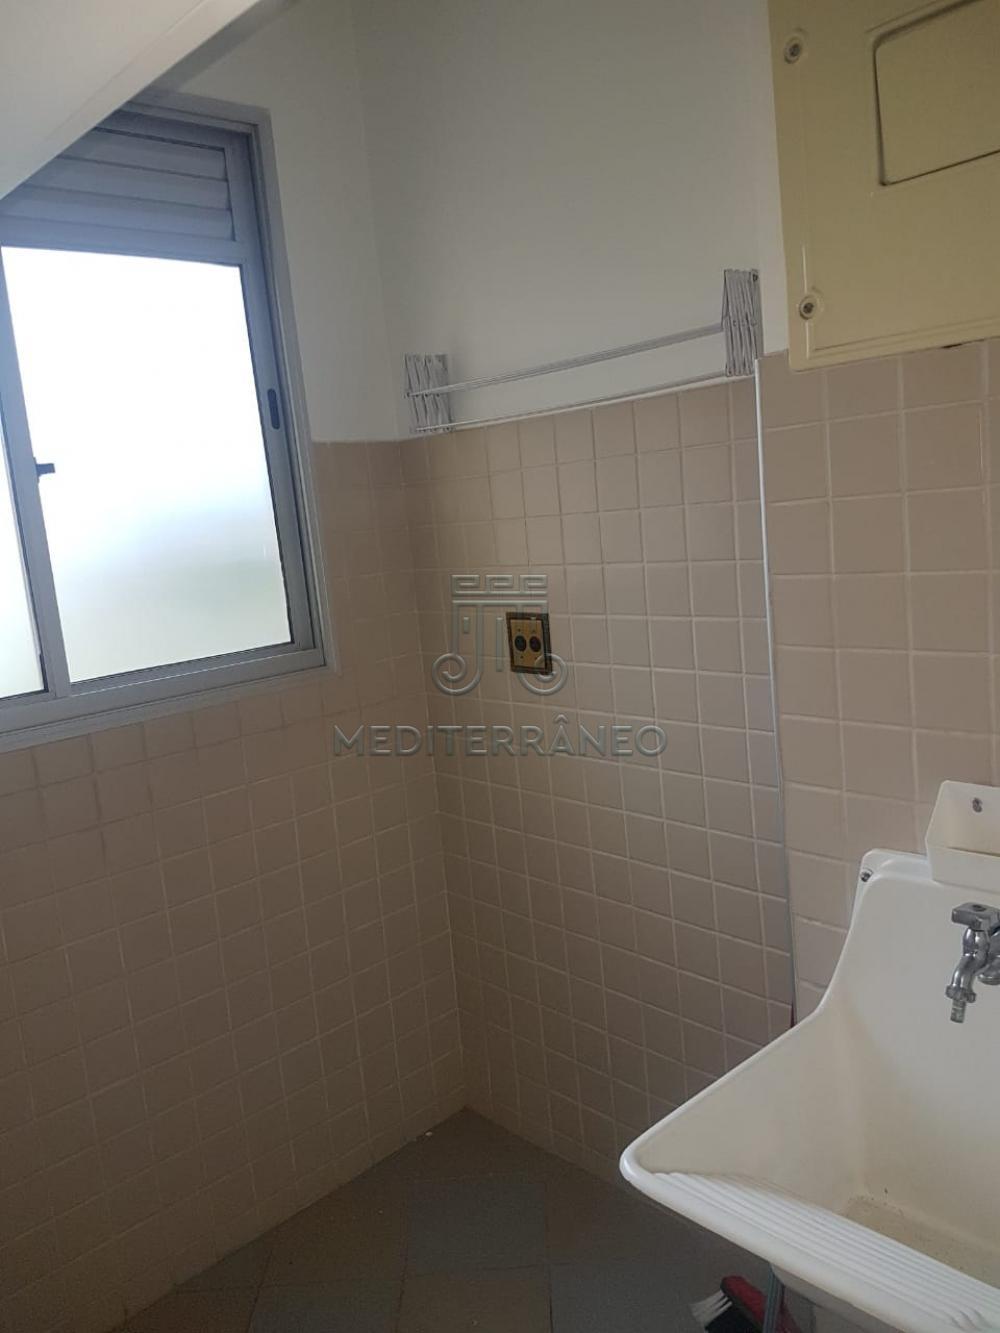 Alugar Apartamento / Padrão em Jundiaí apenas R$ 950,00 - Foto 16